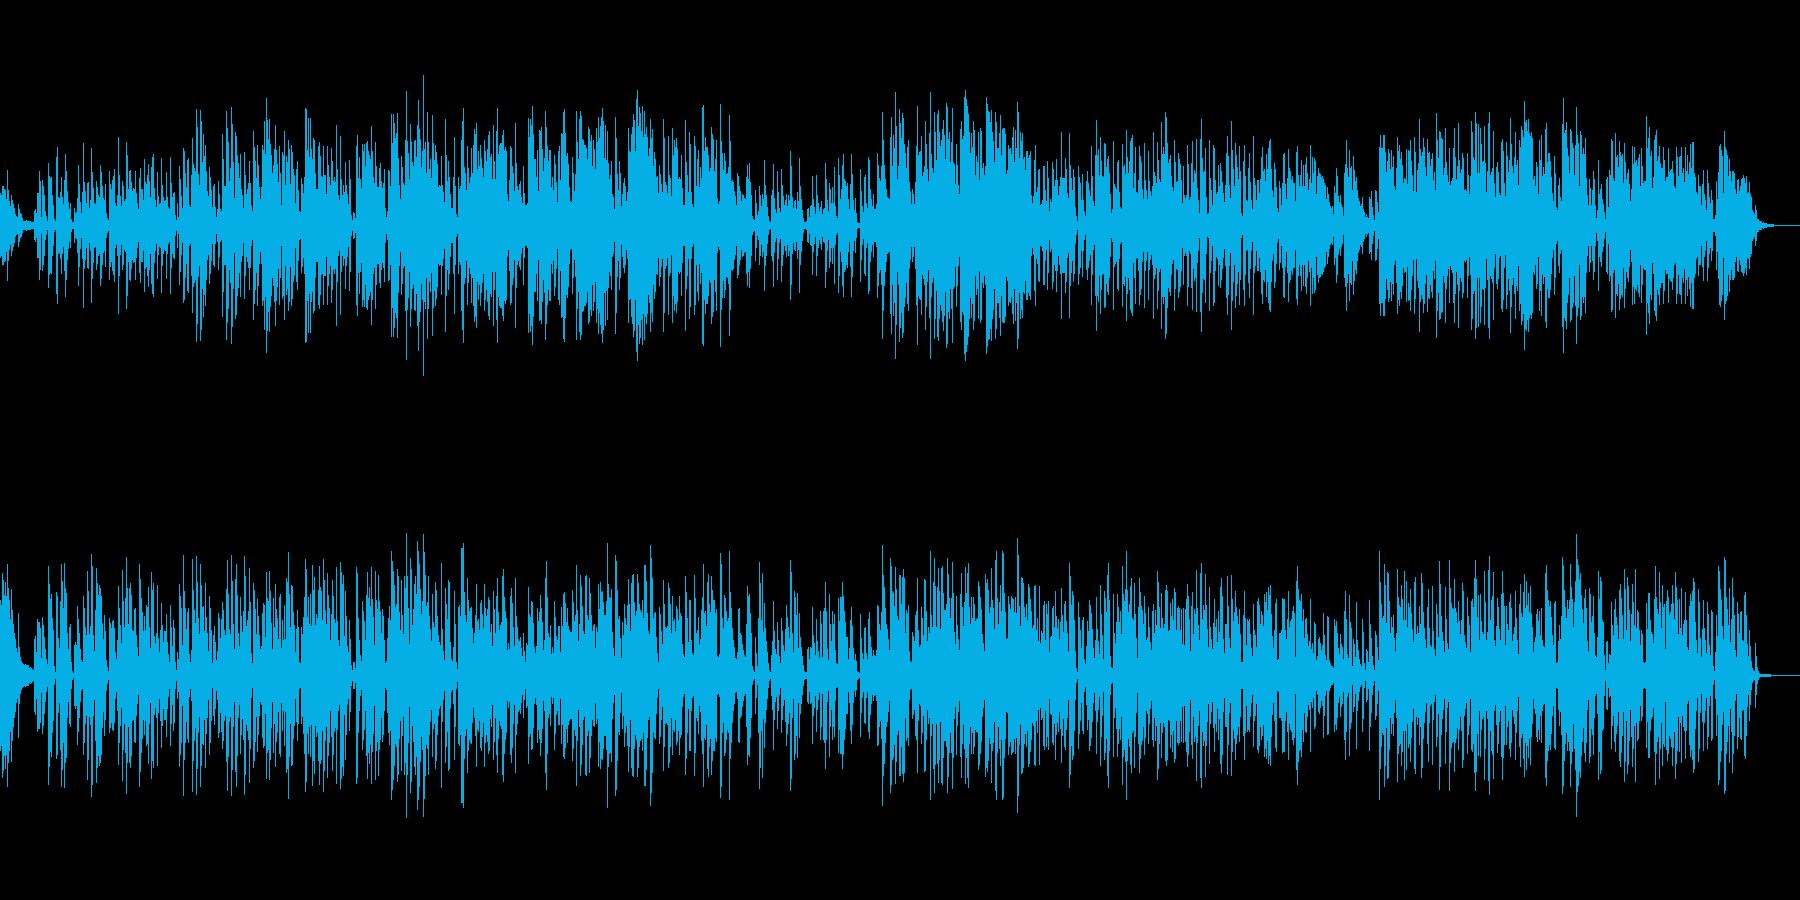 ゆったりとした雰囲気のジャズの再生済みの波形